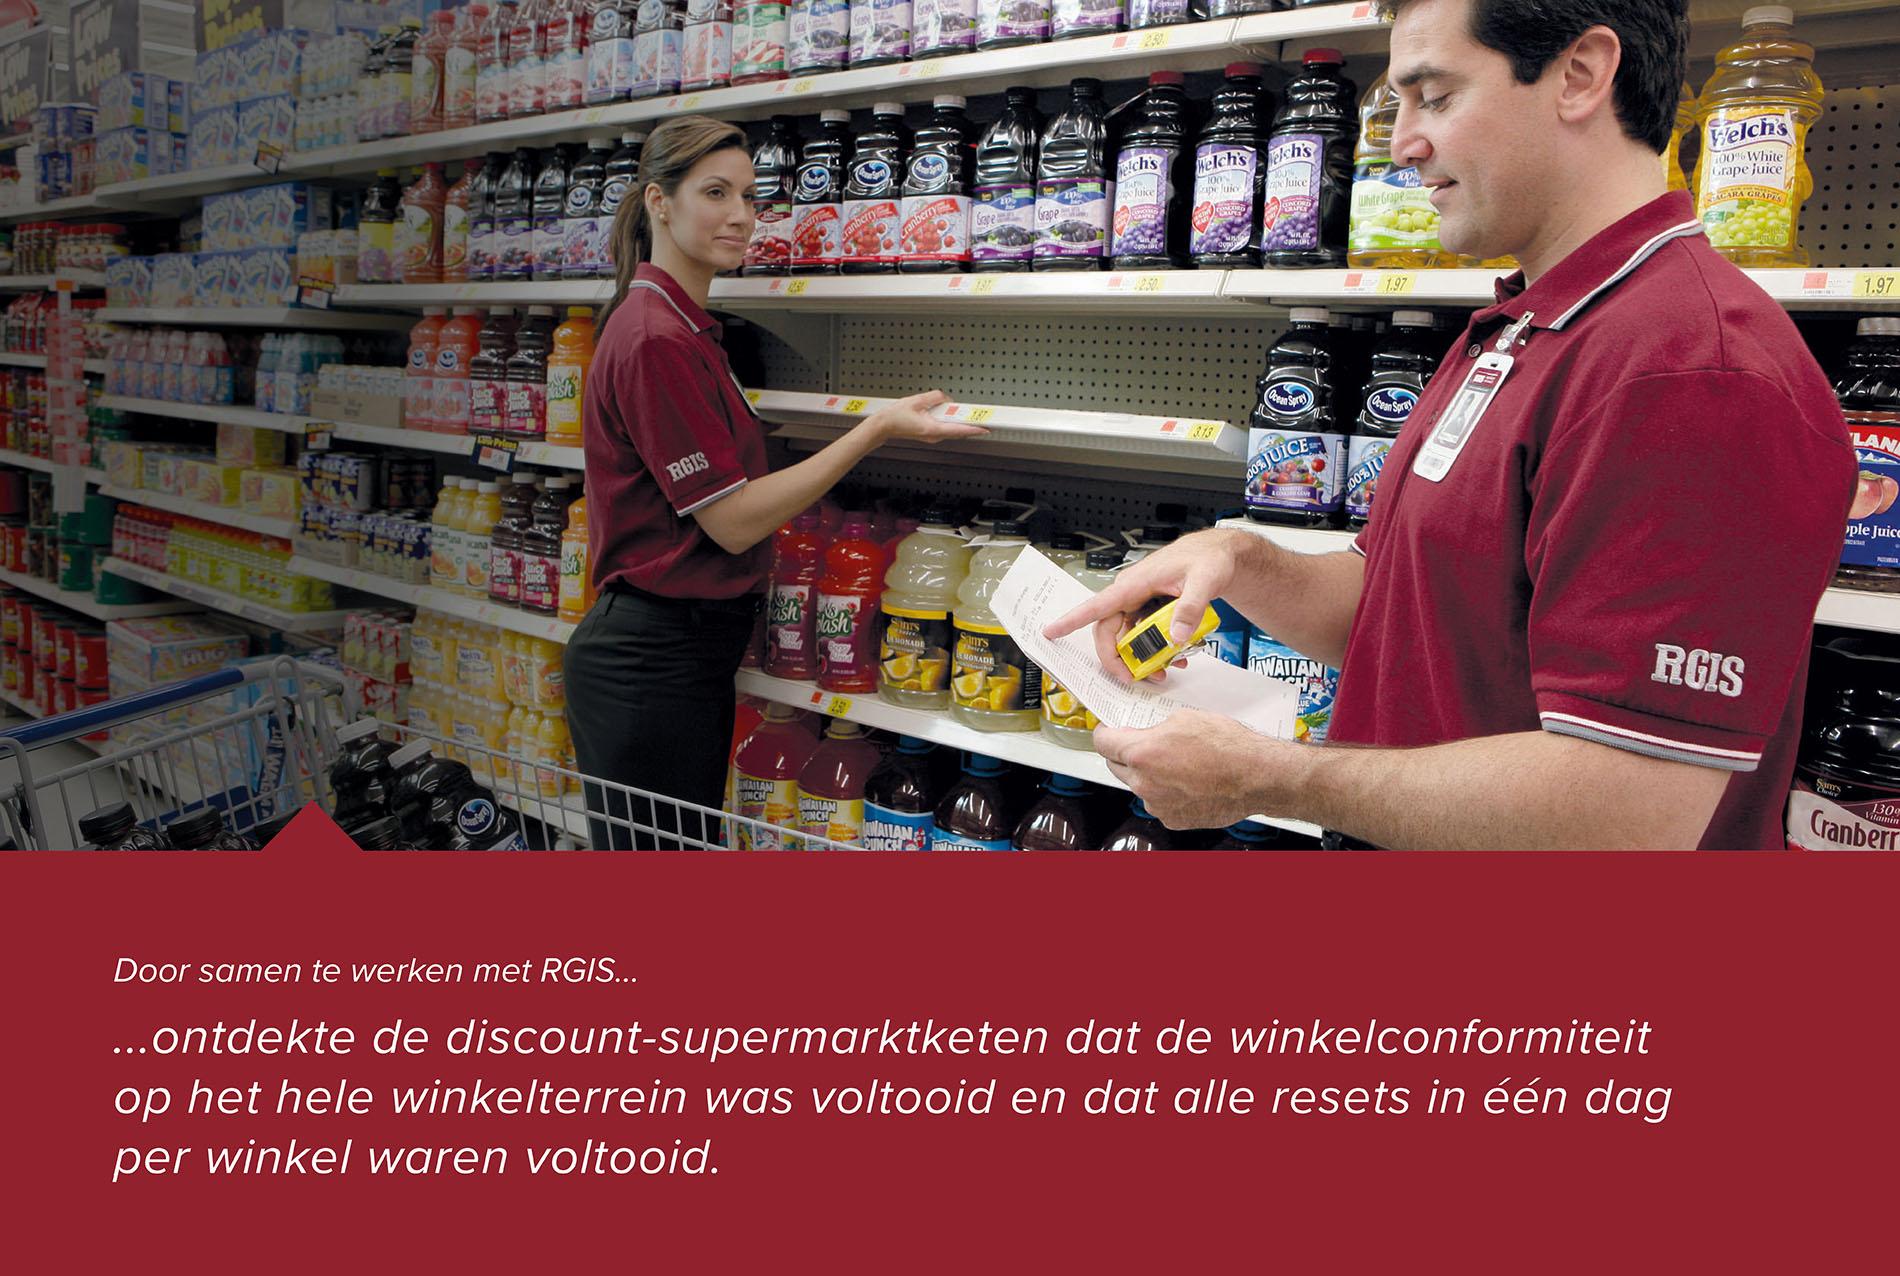 Winkelverbouwing voor een supermarktketen in het discountsegment